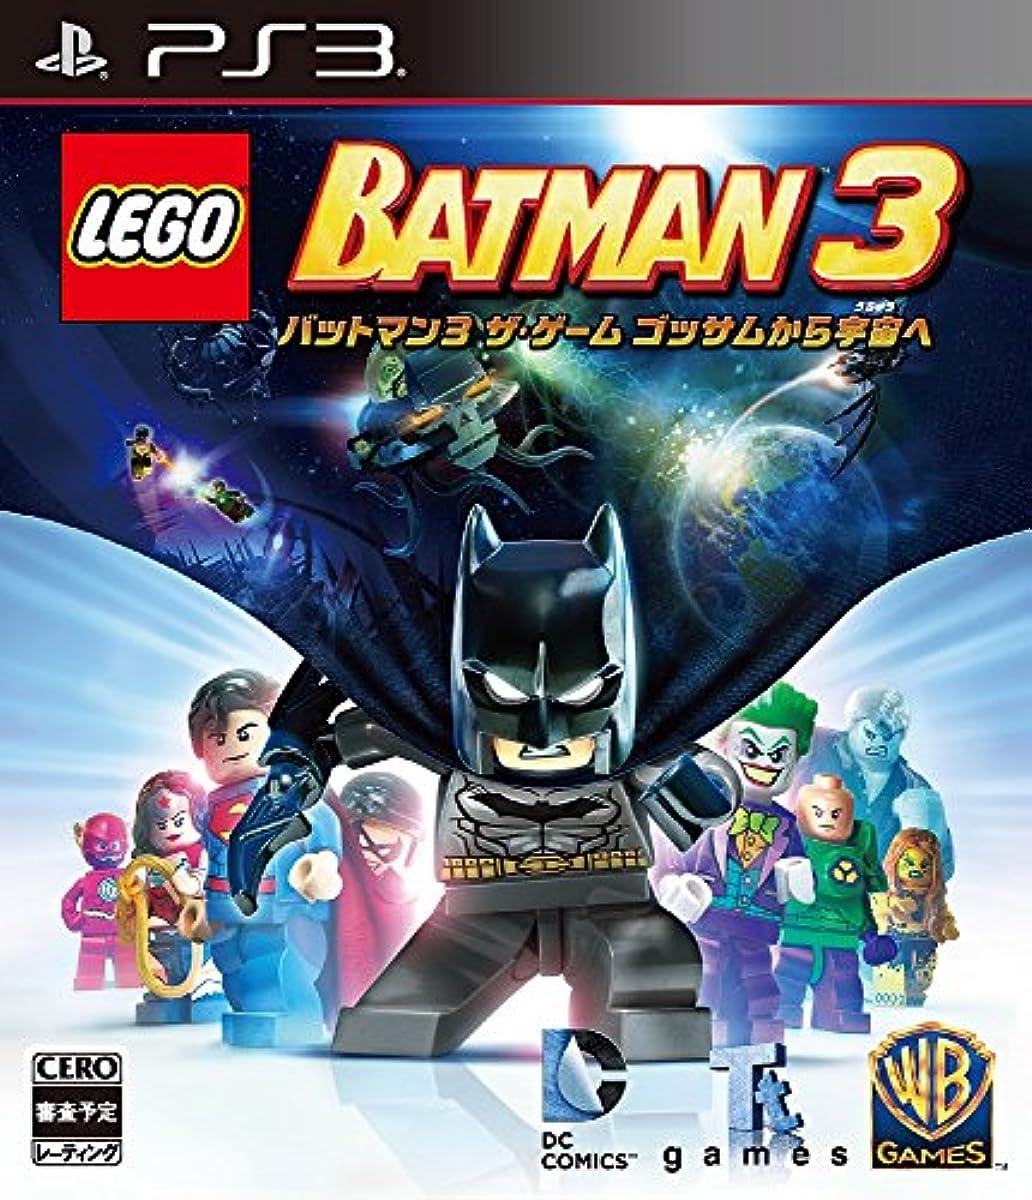 [해외] LEGO (R) 배트맨3 더게임 곳사무부터 우주에 - PS3